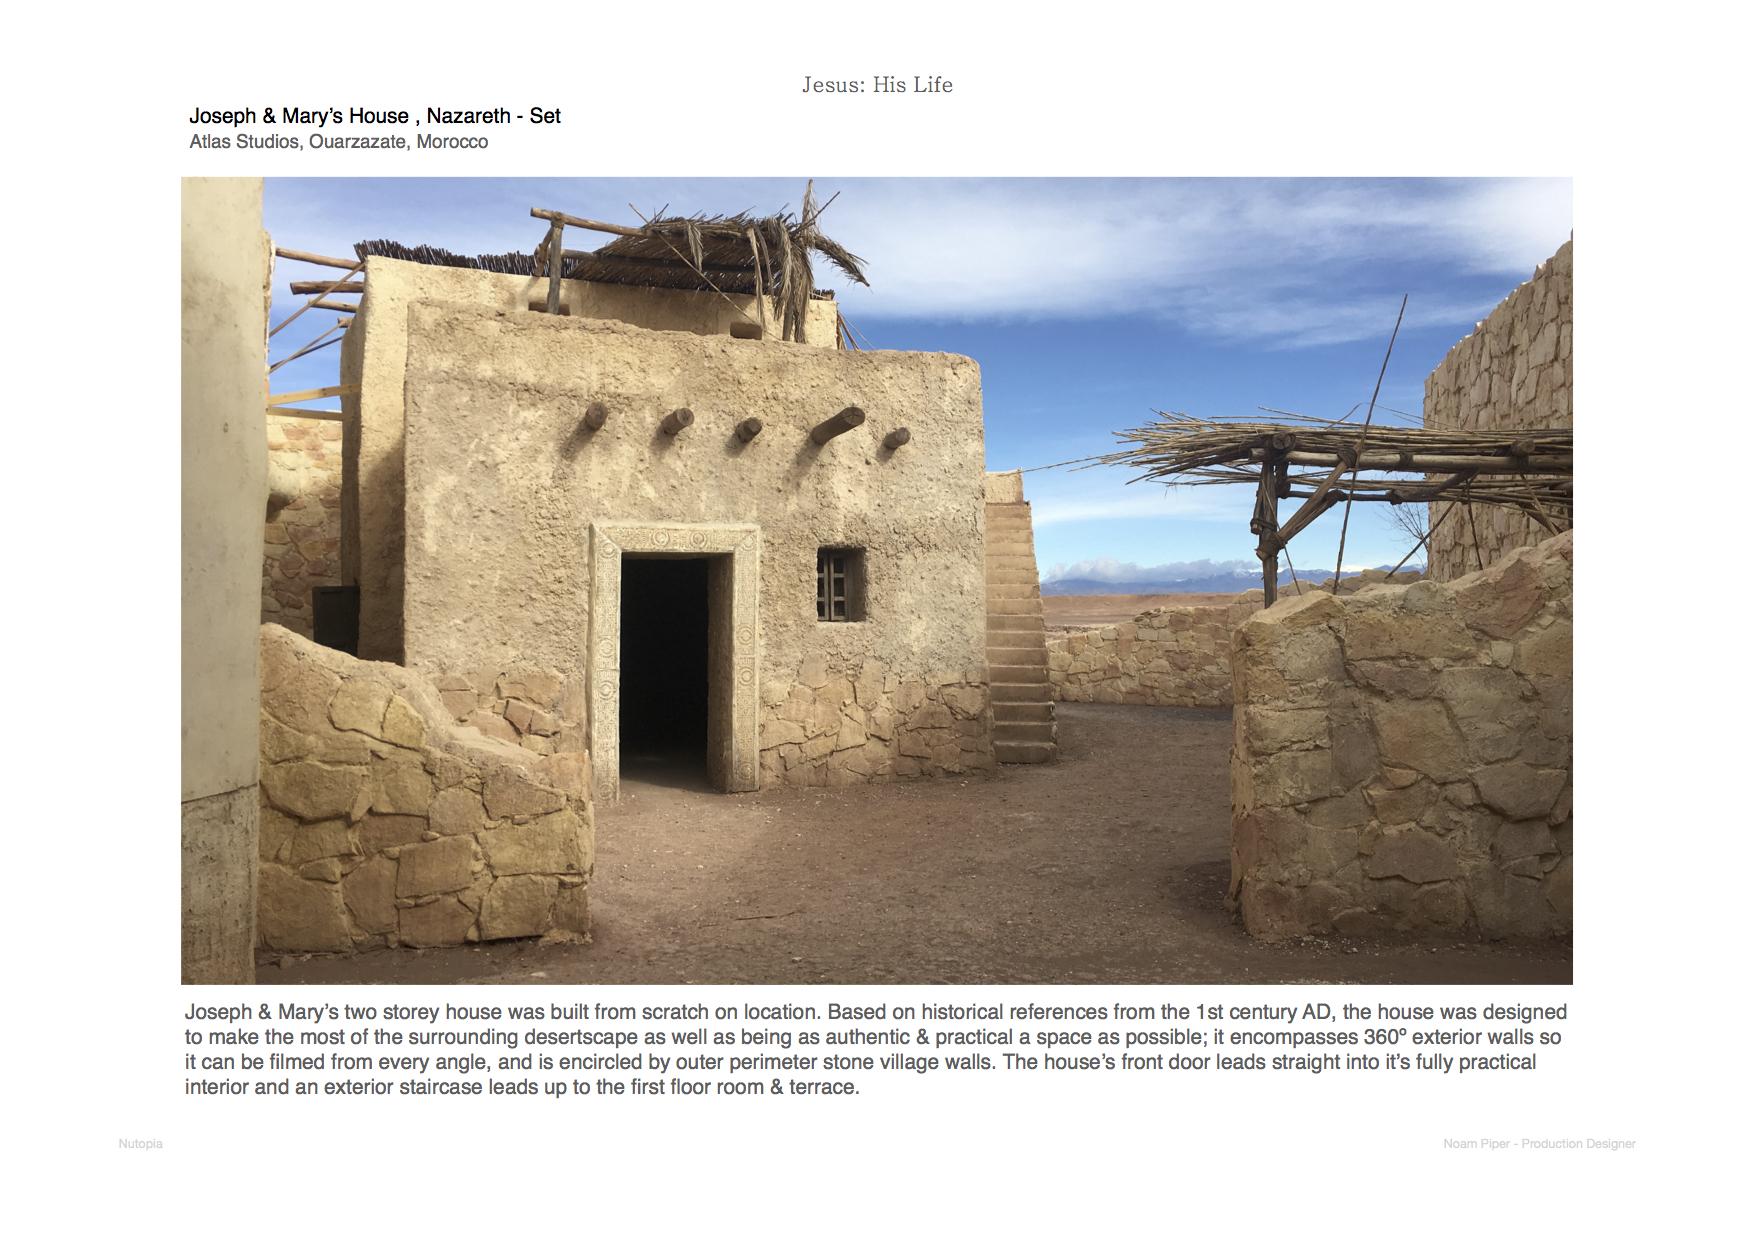 Jesus His Life: Joseph House